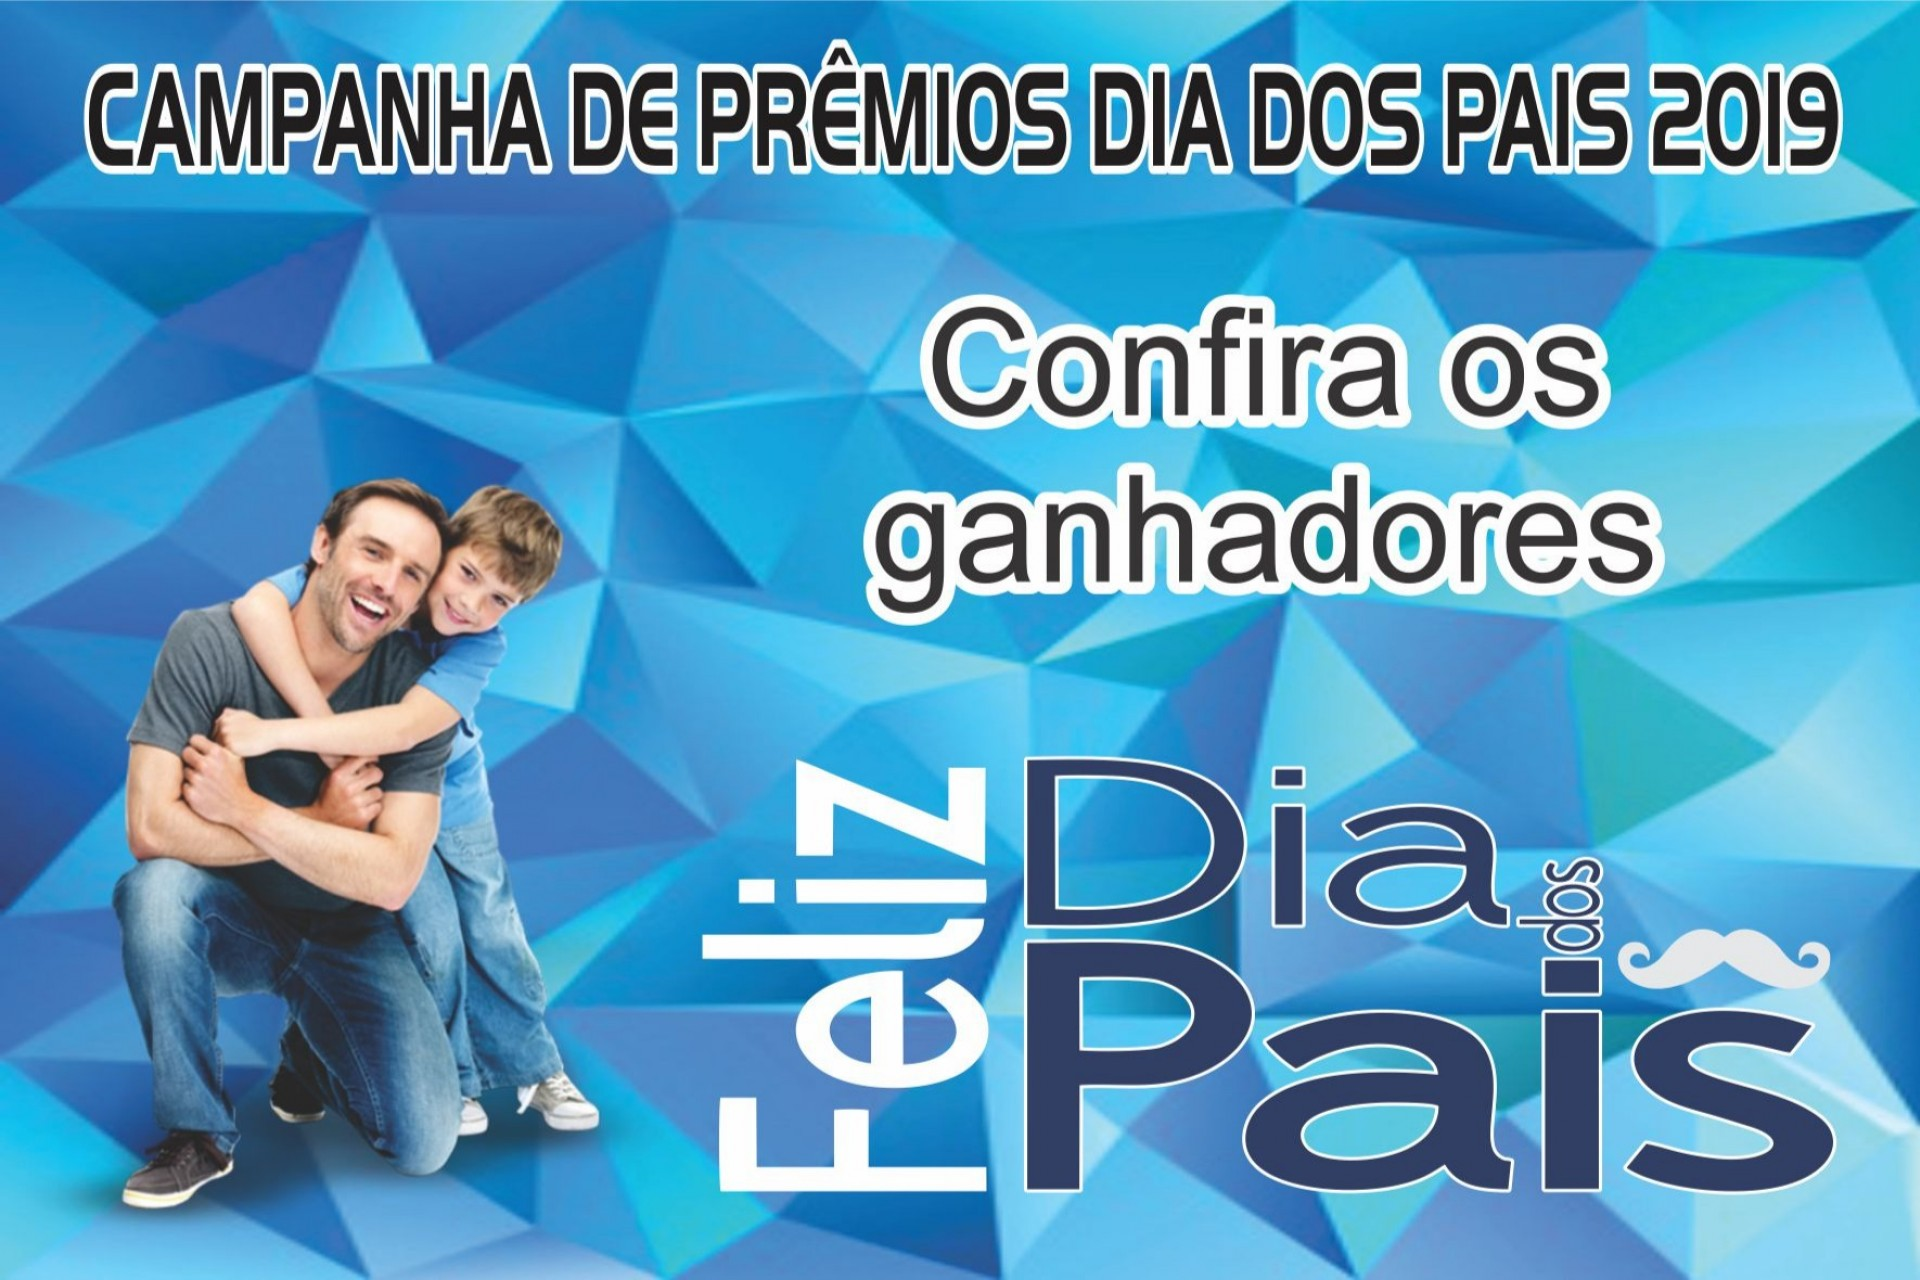 Confira os ganhadores da promoção do Dia dos Pais da ACIMI